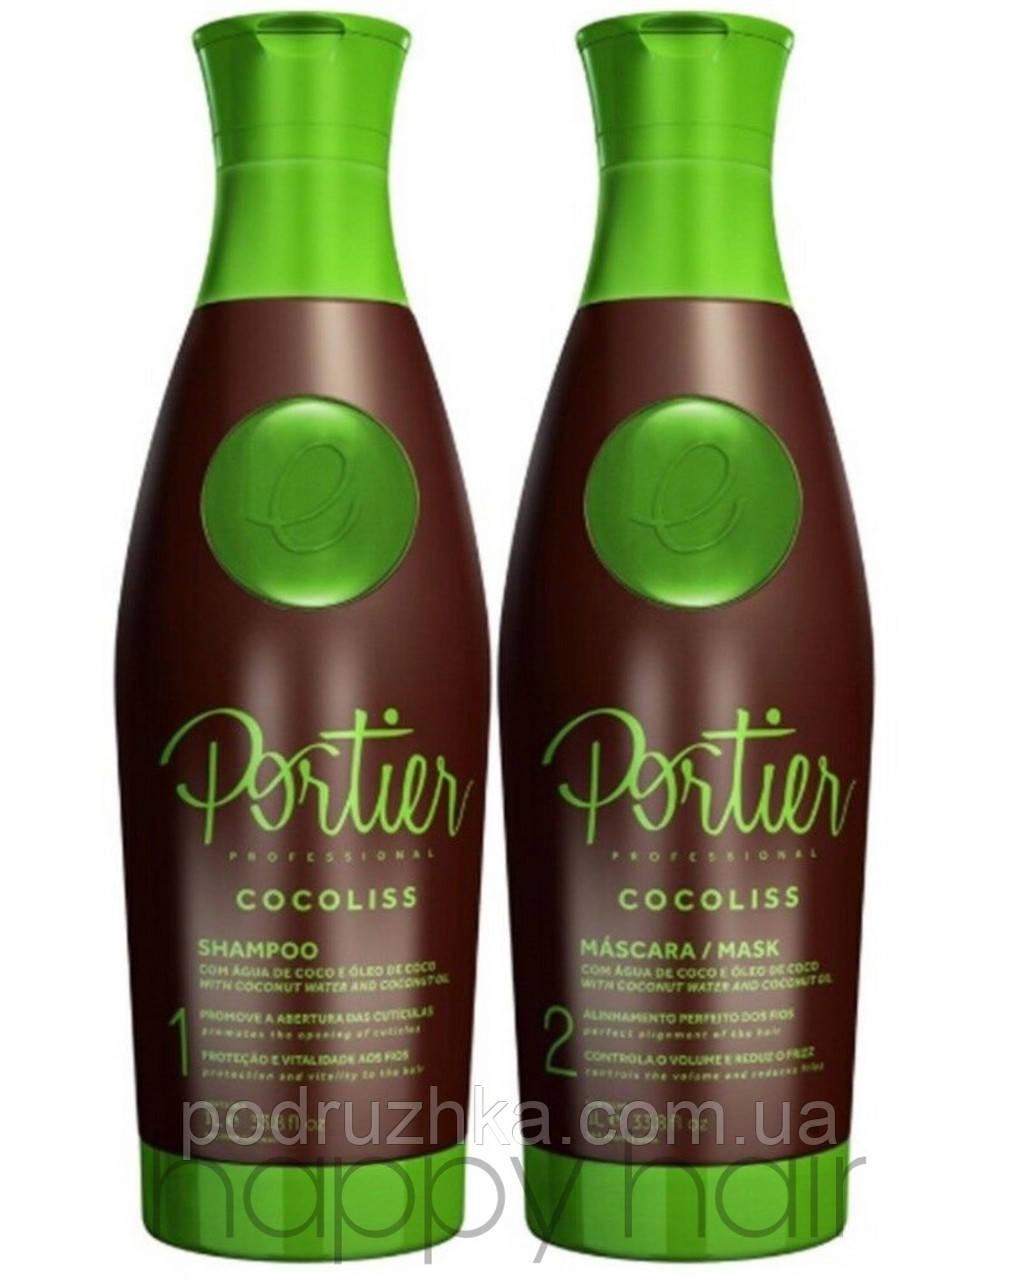 Portier Cocolis Набор для кератинового выпрямления 2х1000 г